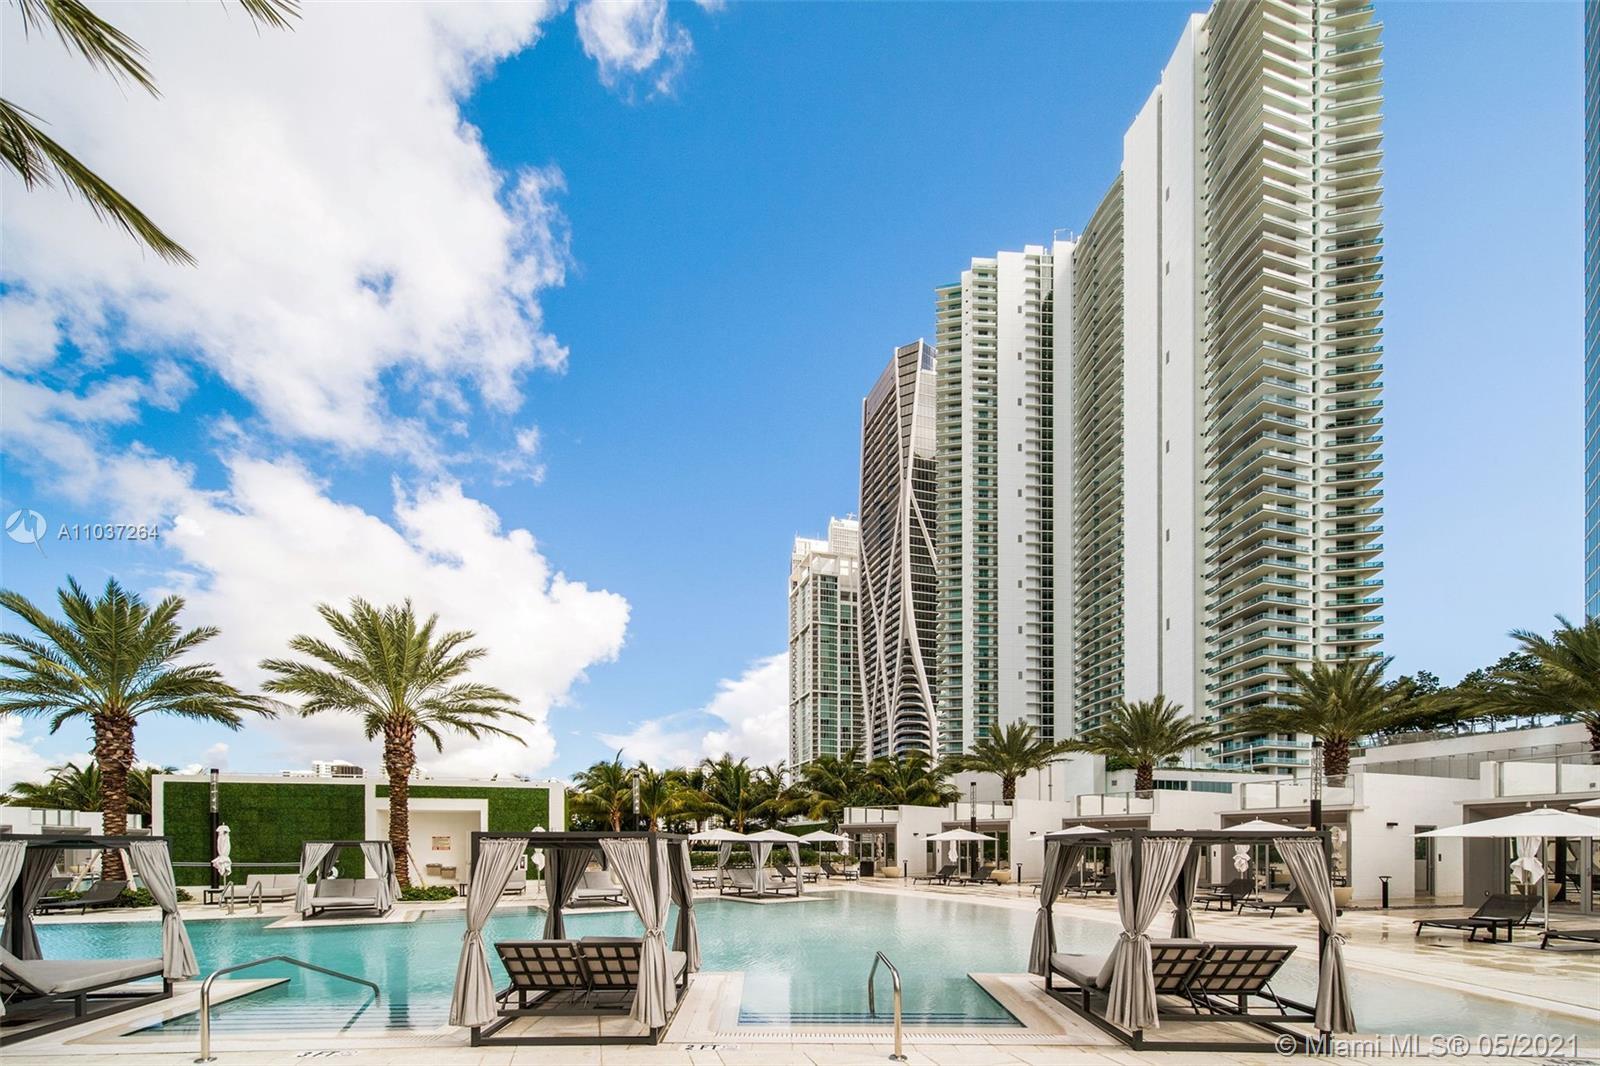 Paramount Miami Worldcenter #4902 - 851 NE 1st Avenue #4902, Miami, FL 33132